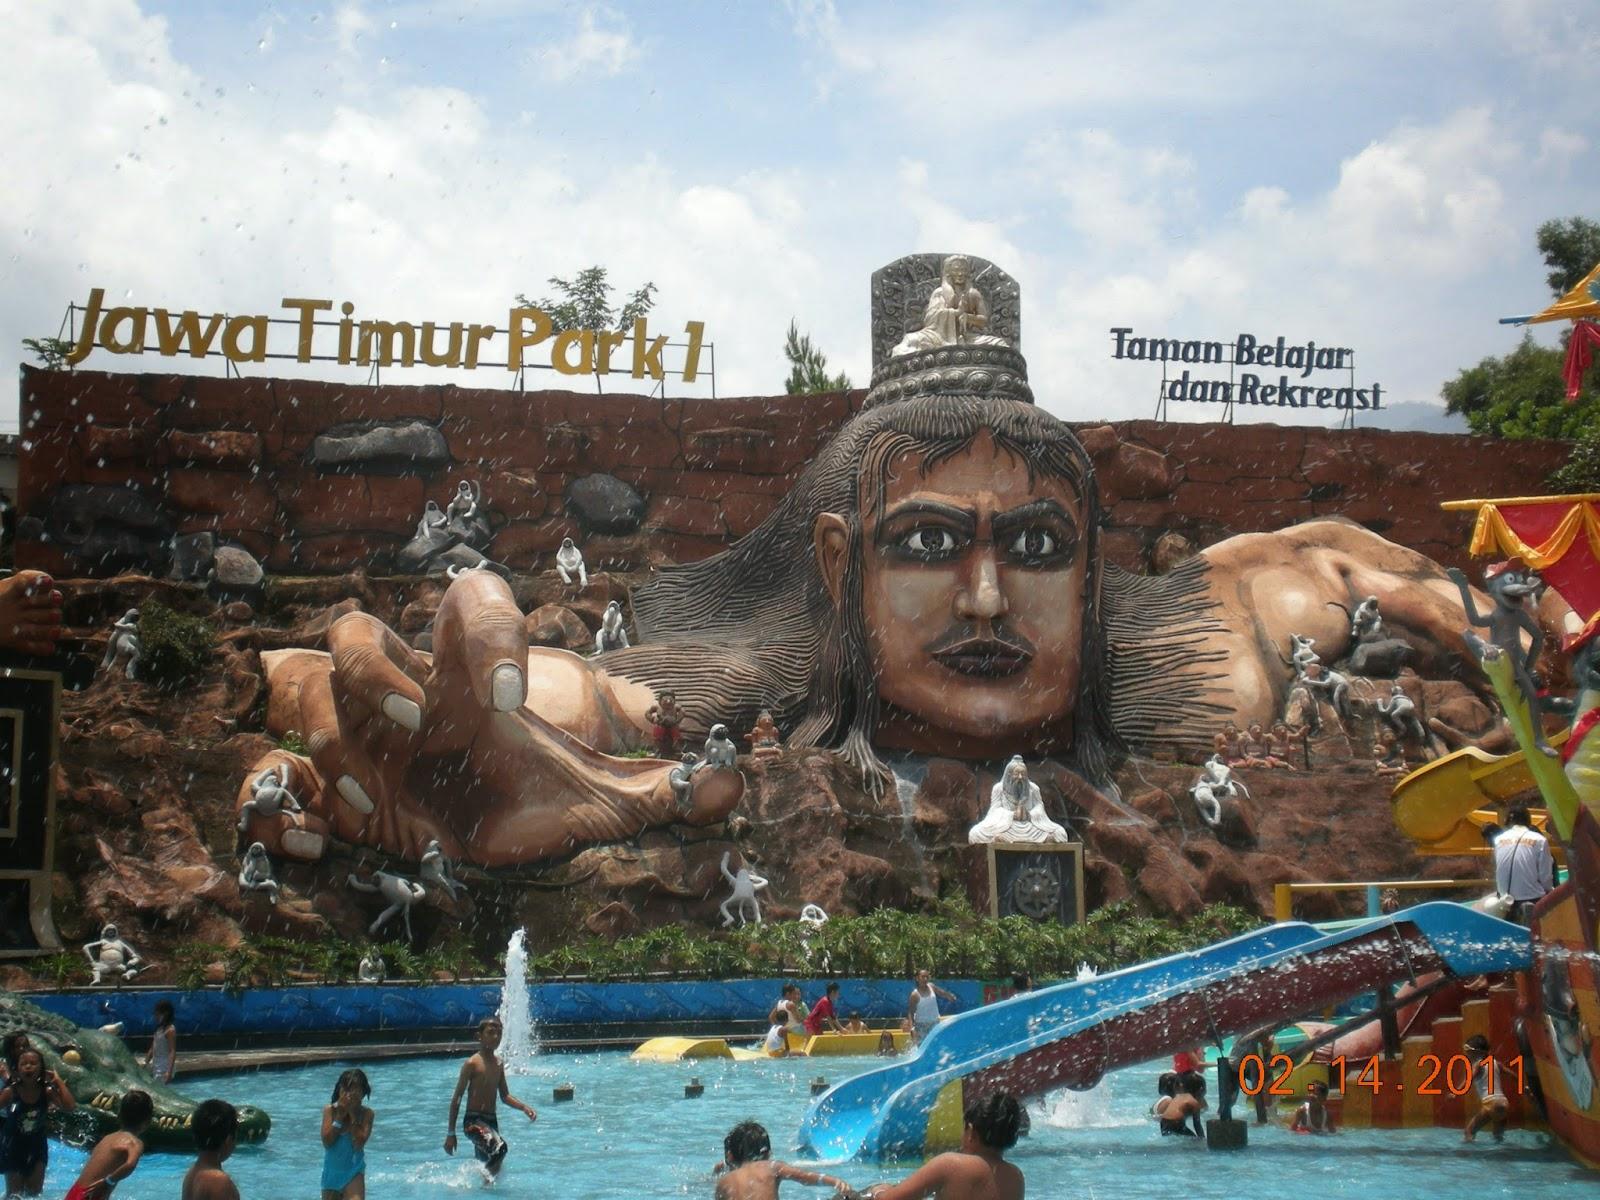 Objek Wisata Jatim Park 1 Batu Malang Yang Super Seru